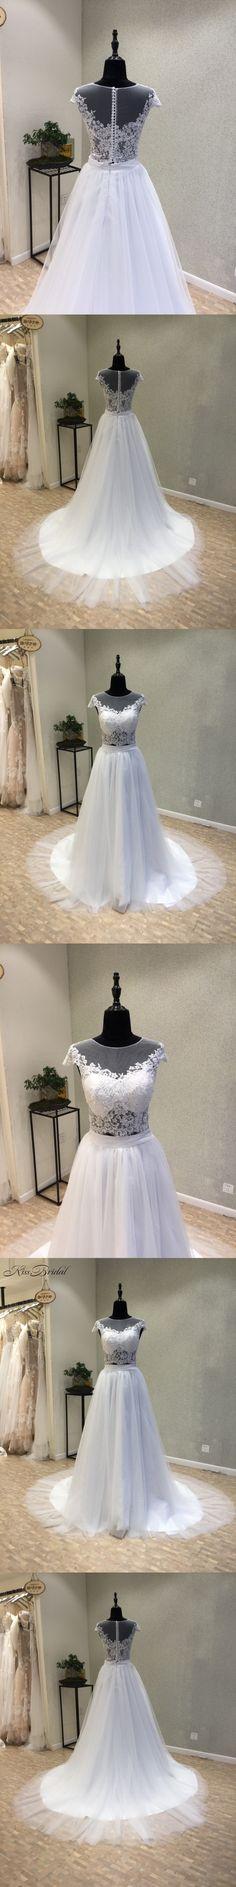 New Style Long Wedding Dress 2018 O-Neck Cap Sleeve A-Line Court Train. A  JournalLong Wedding DressesBridal ... ad2d9aa5407a